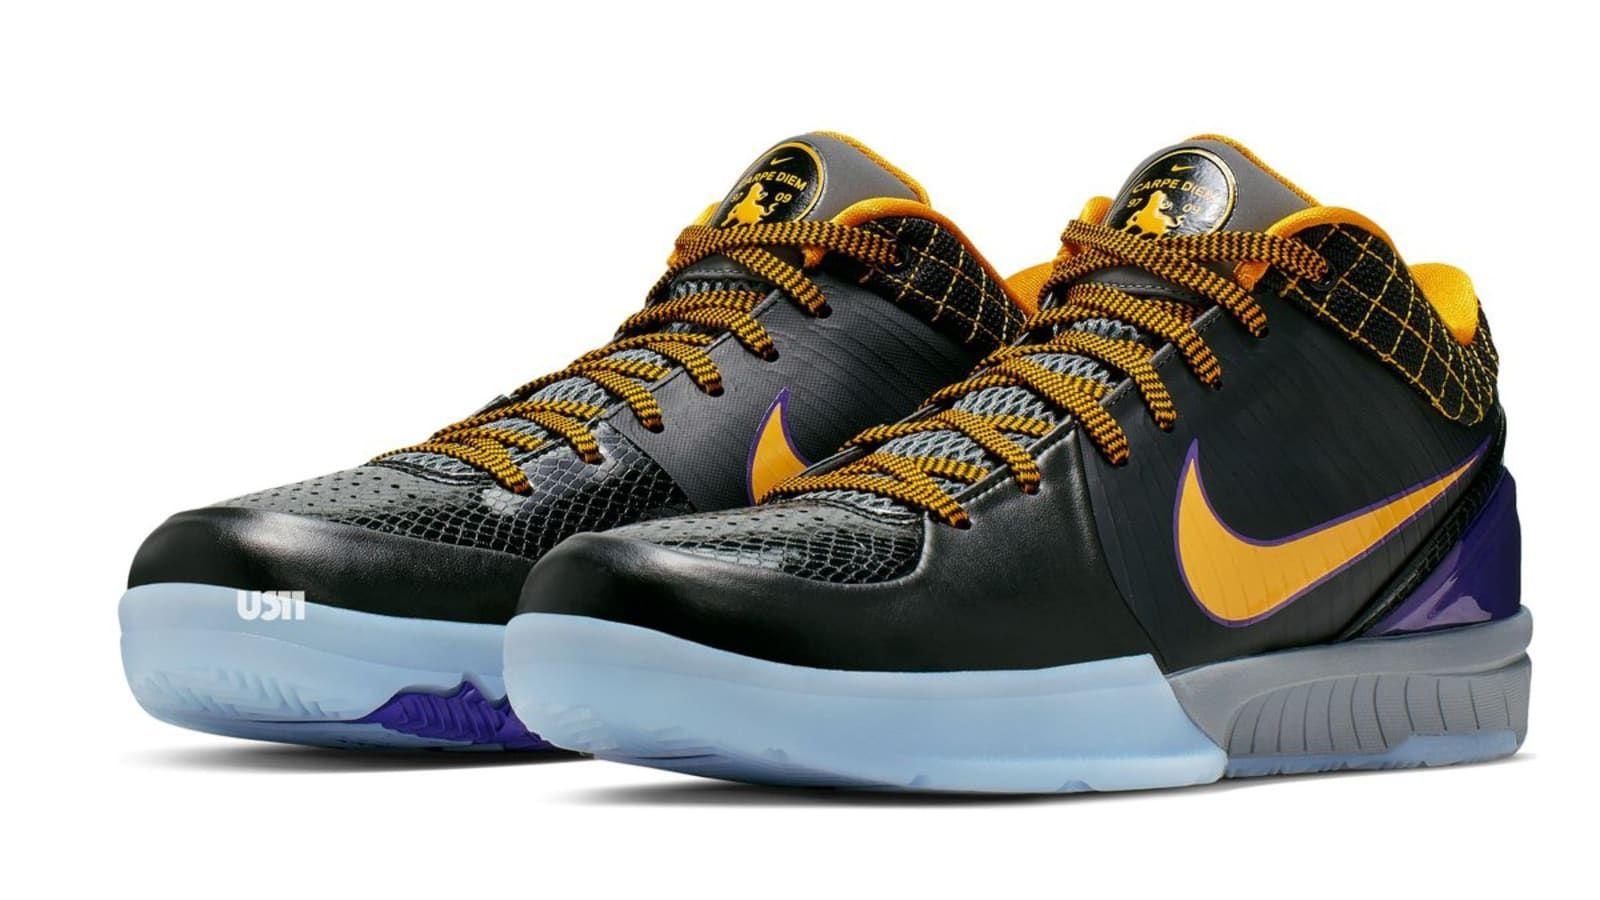 Carpe Diem' Nike Zoom Kobe 4 Protro